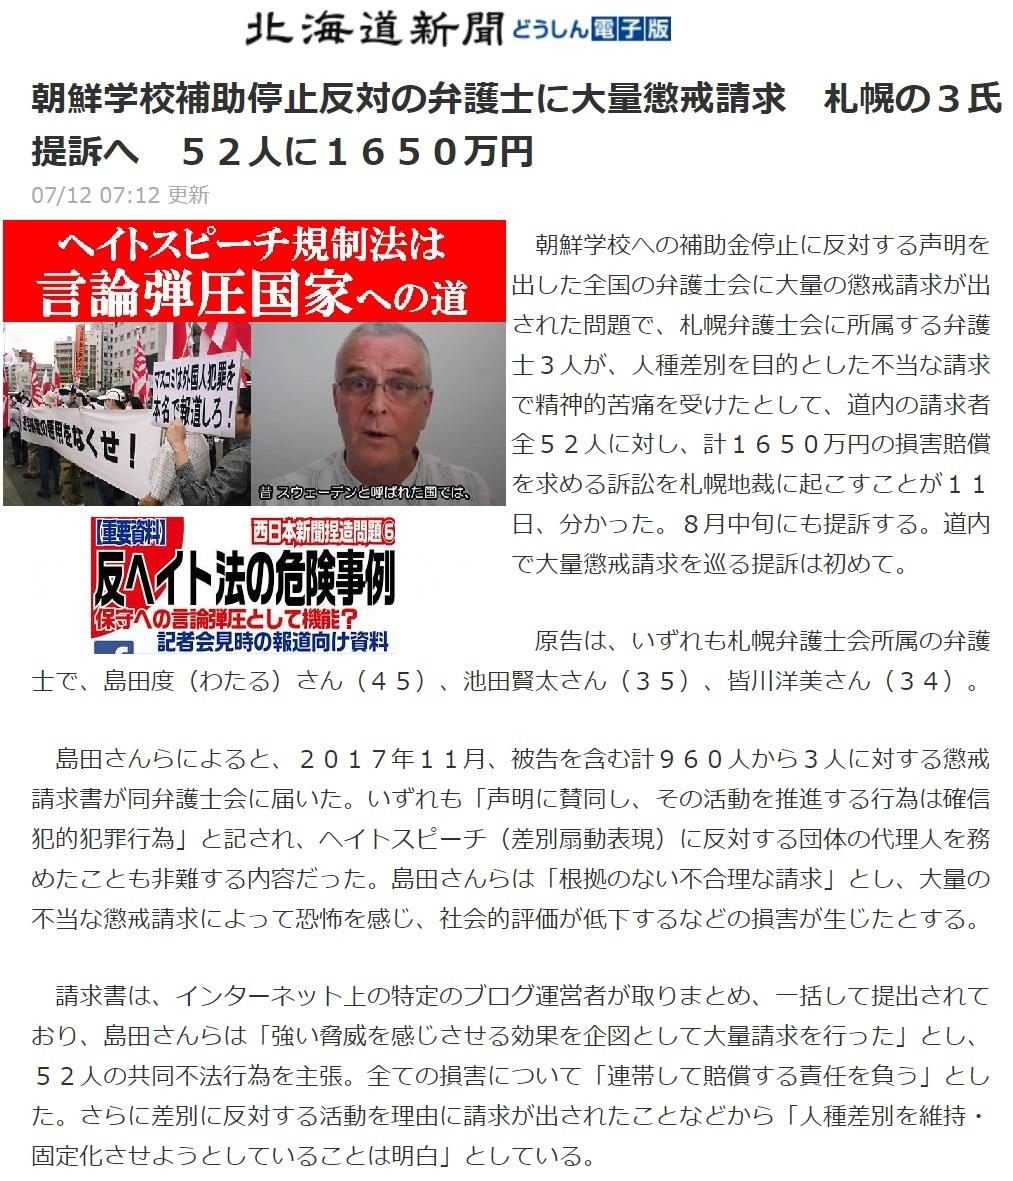 北海道で朝鮮学校に金を出せという弁護士Gが恫喝